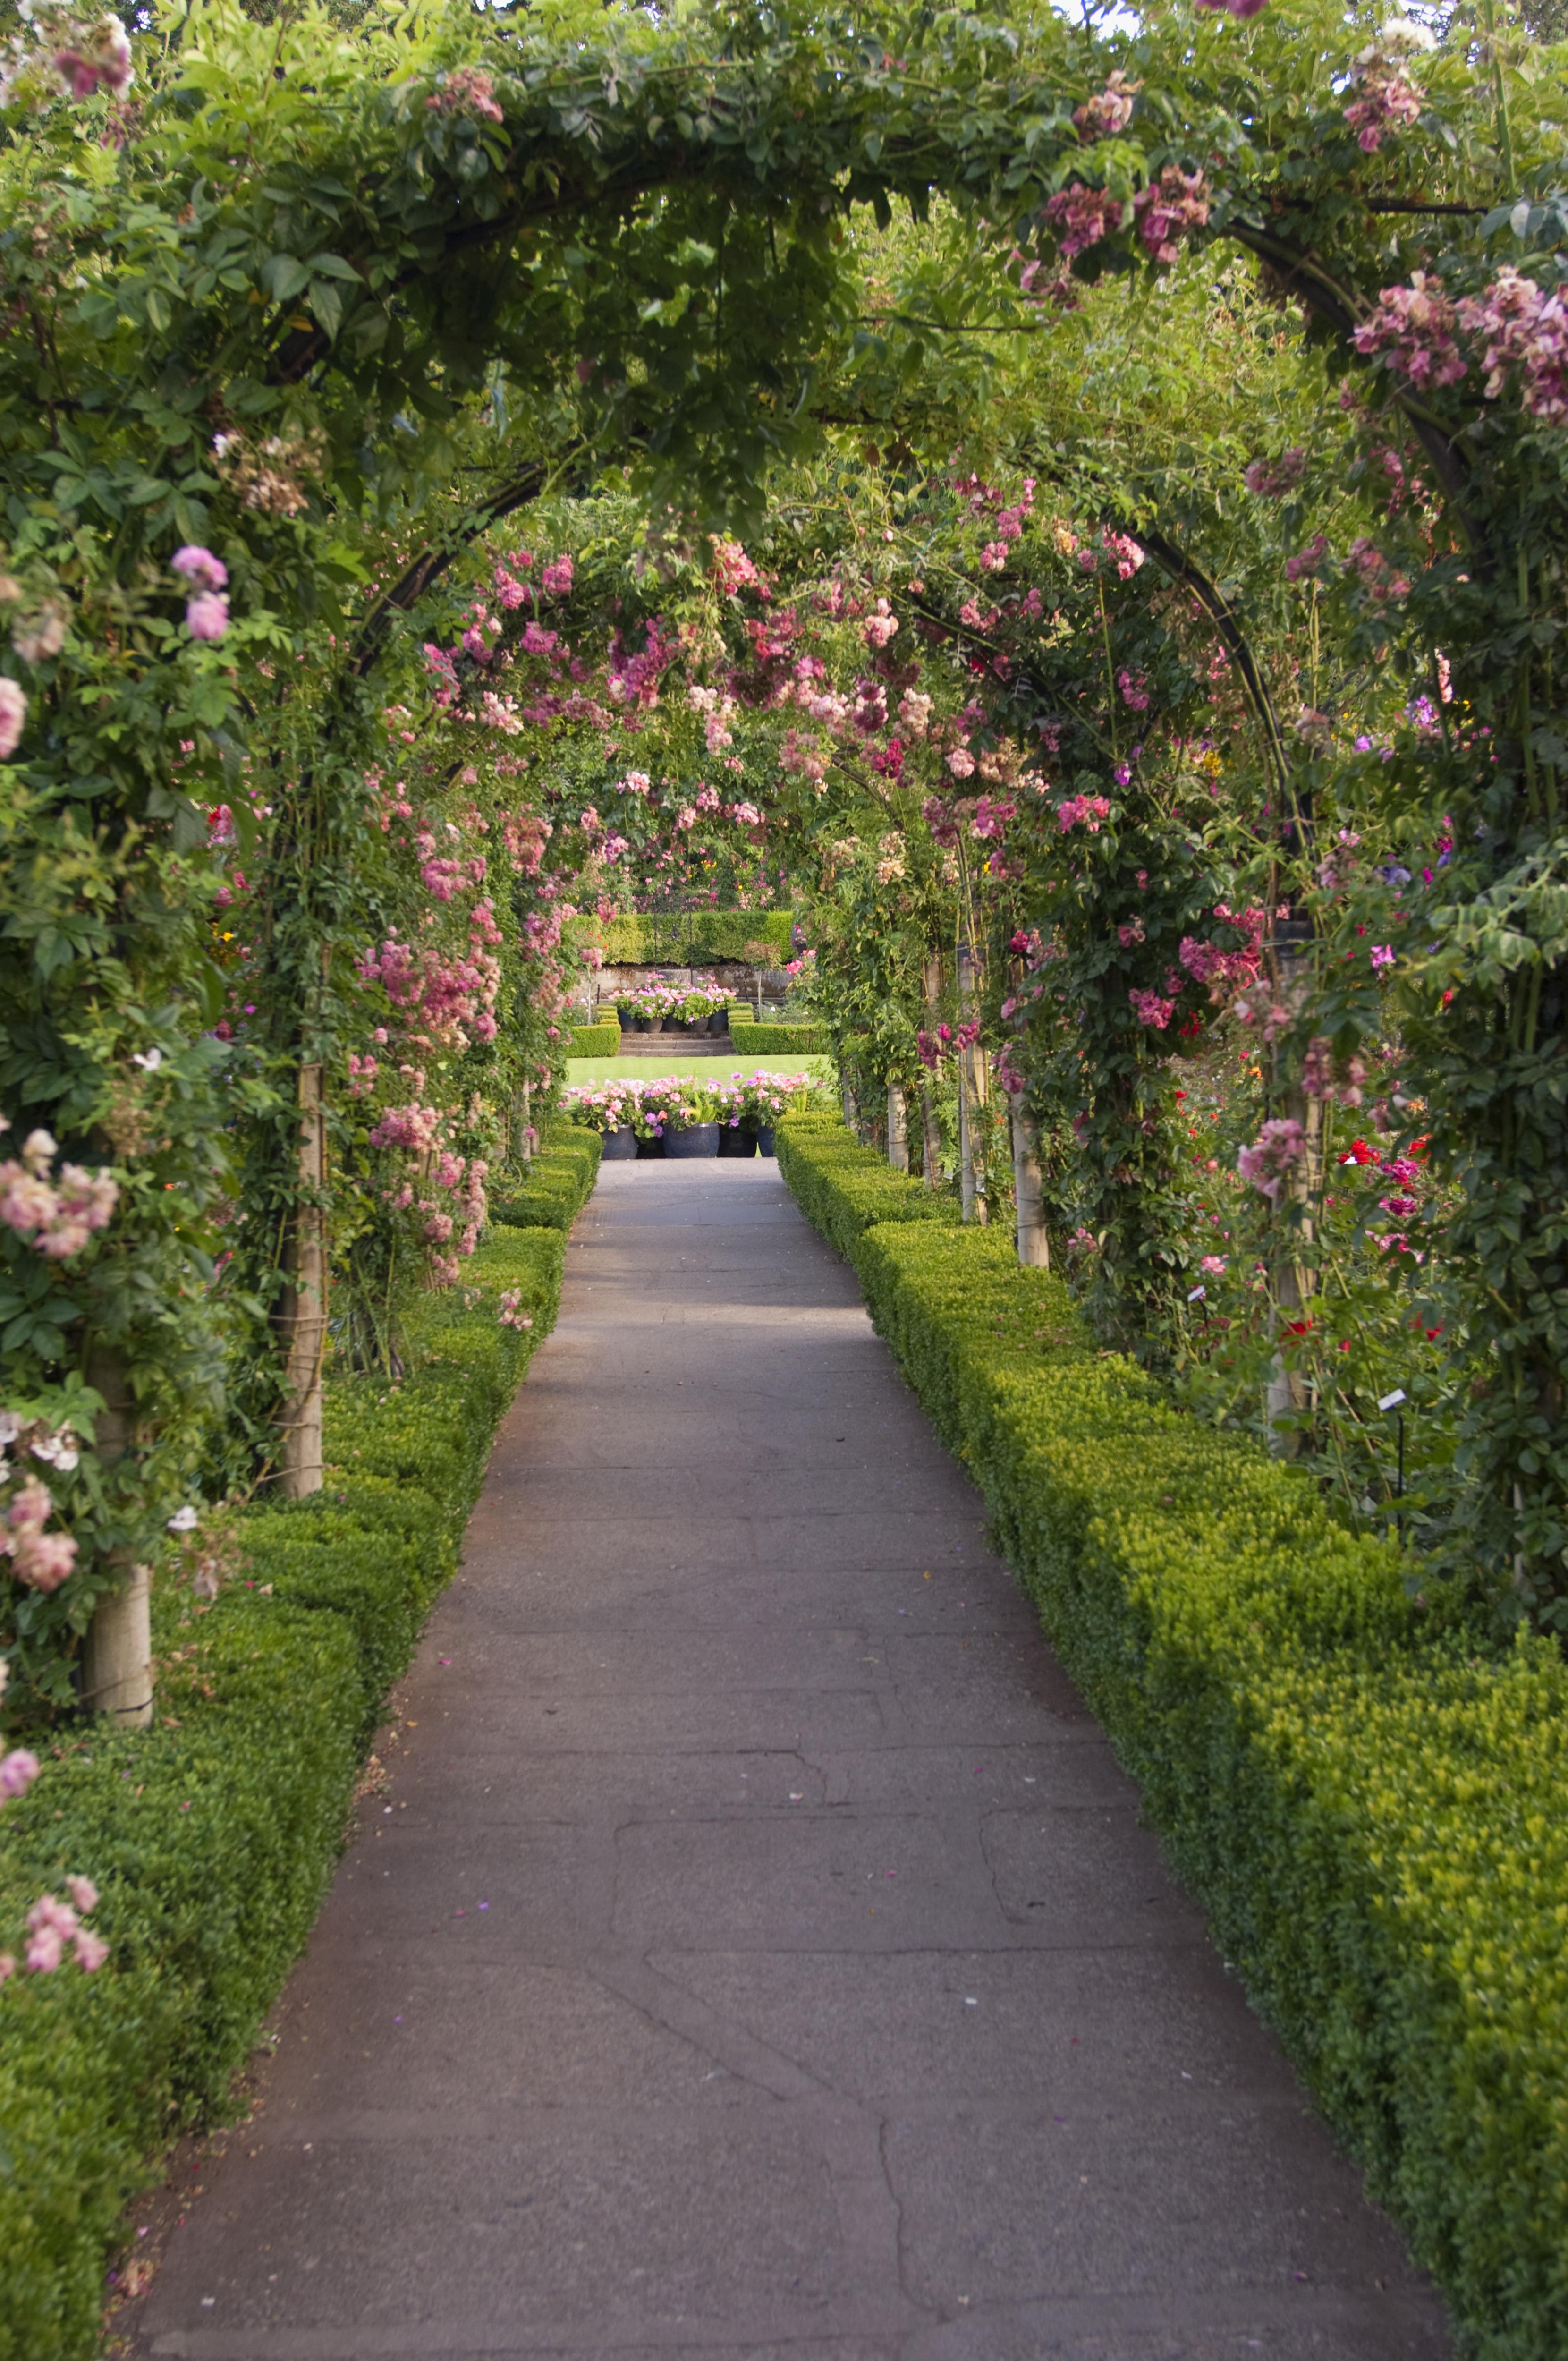 16 free garden plans garden design ideas - Garden Design Triangular Plot